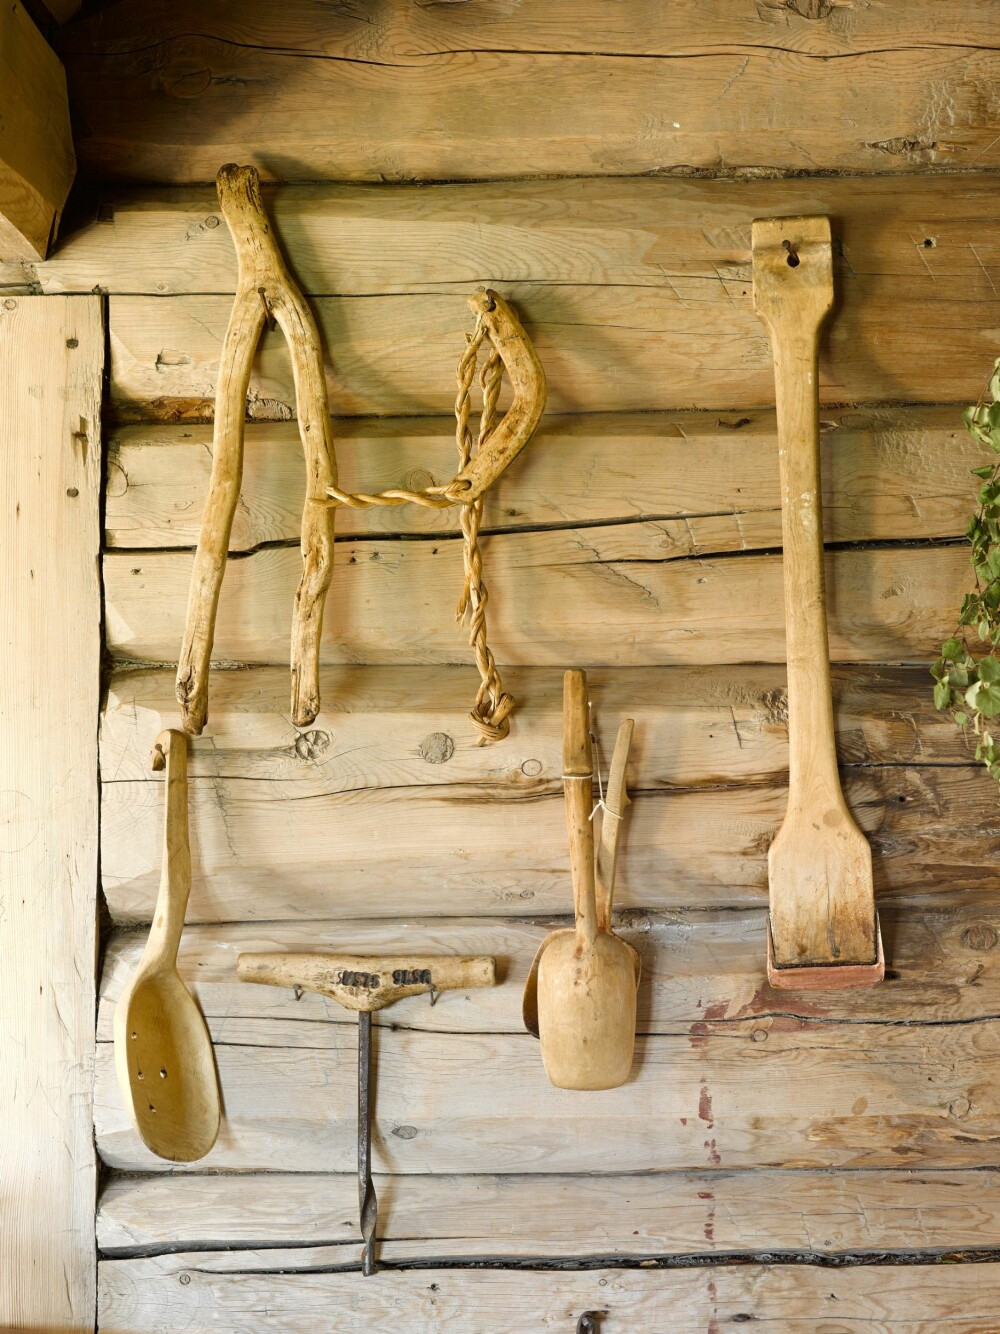 SKRUBBET FOR HÅND: Ønsker du en naturlig  og vakker glød i treverket, er det manuelt arbeid som skal til. Her er vegger og gulv kun skrubbet for hånd. Veggene er grånet etter utallige skrubbinger med grønnsåpe hver vår.